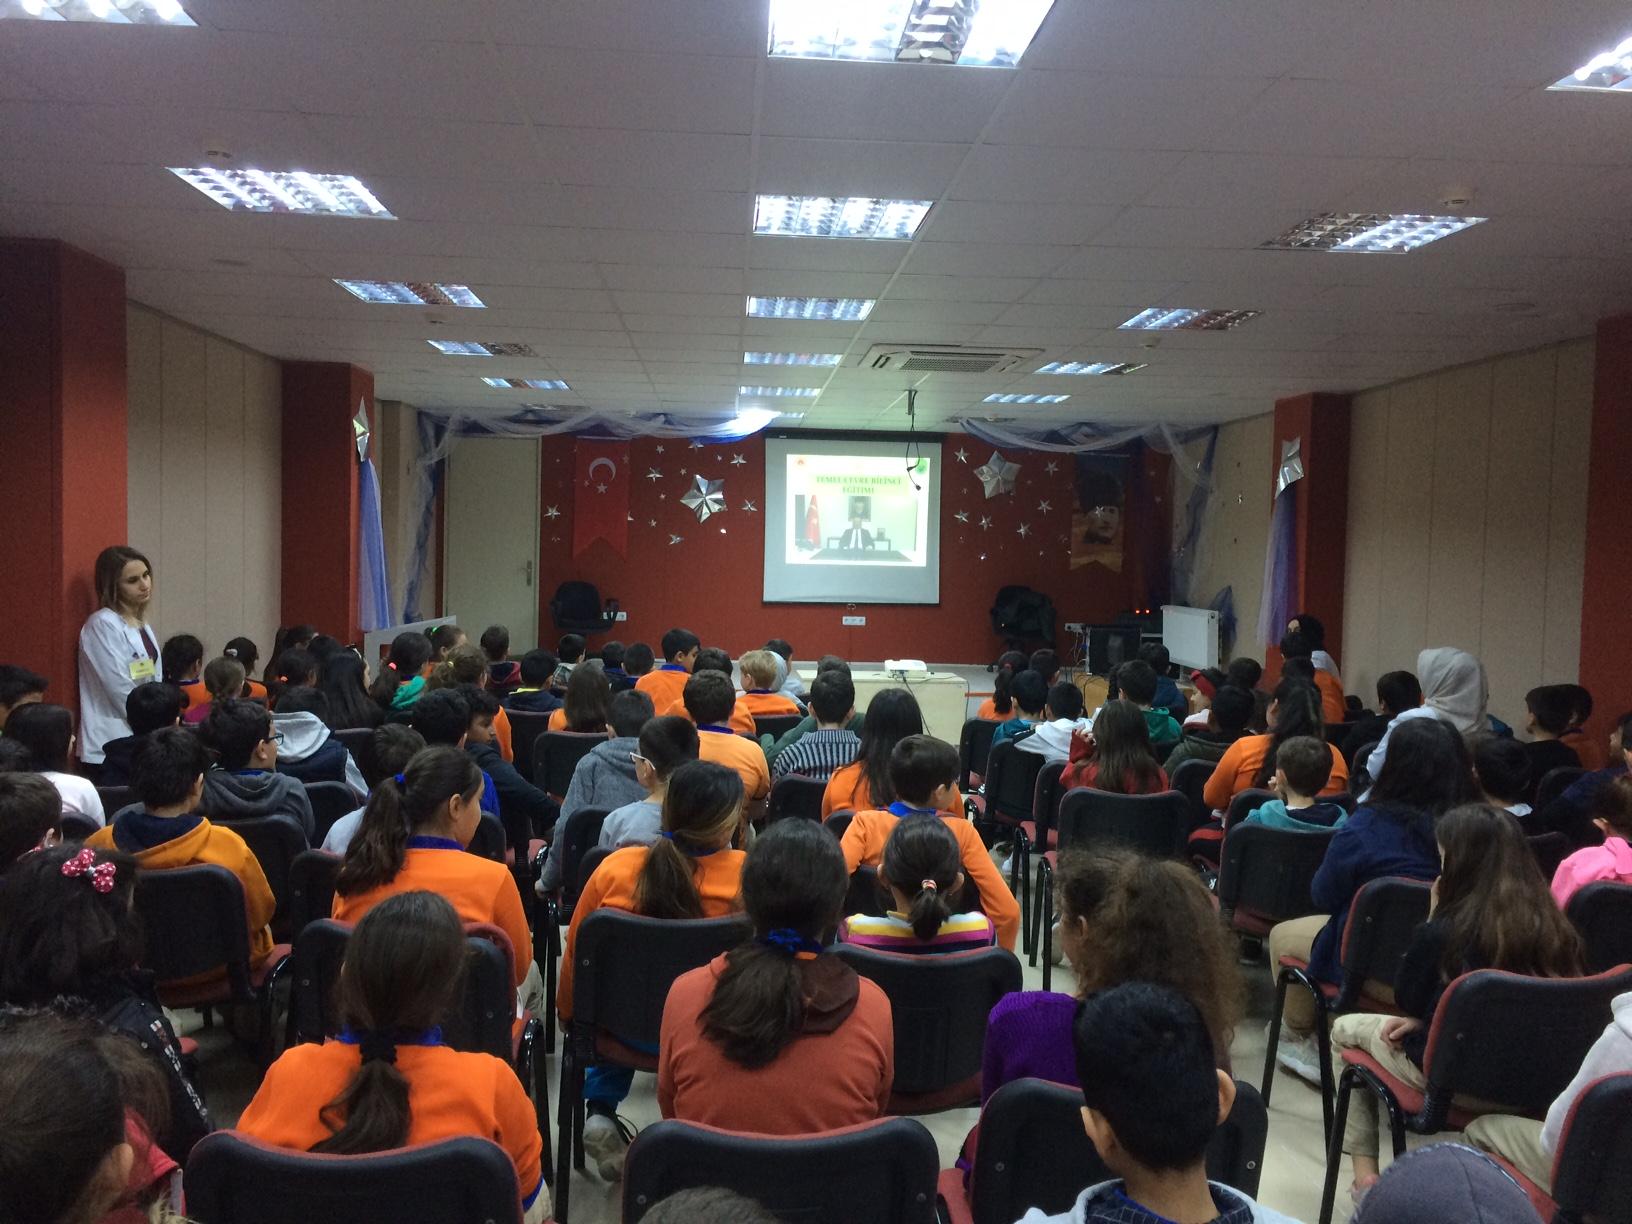 Ertuğrulgazi Ortaokulu'nda Sıfır Atık Konulu Eğitim Verildi